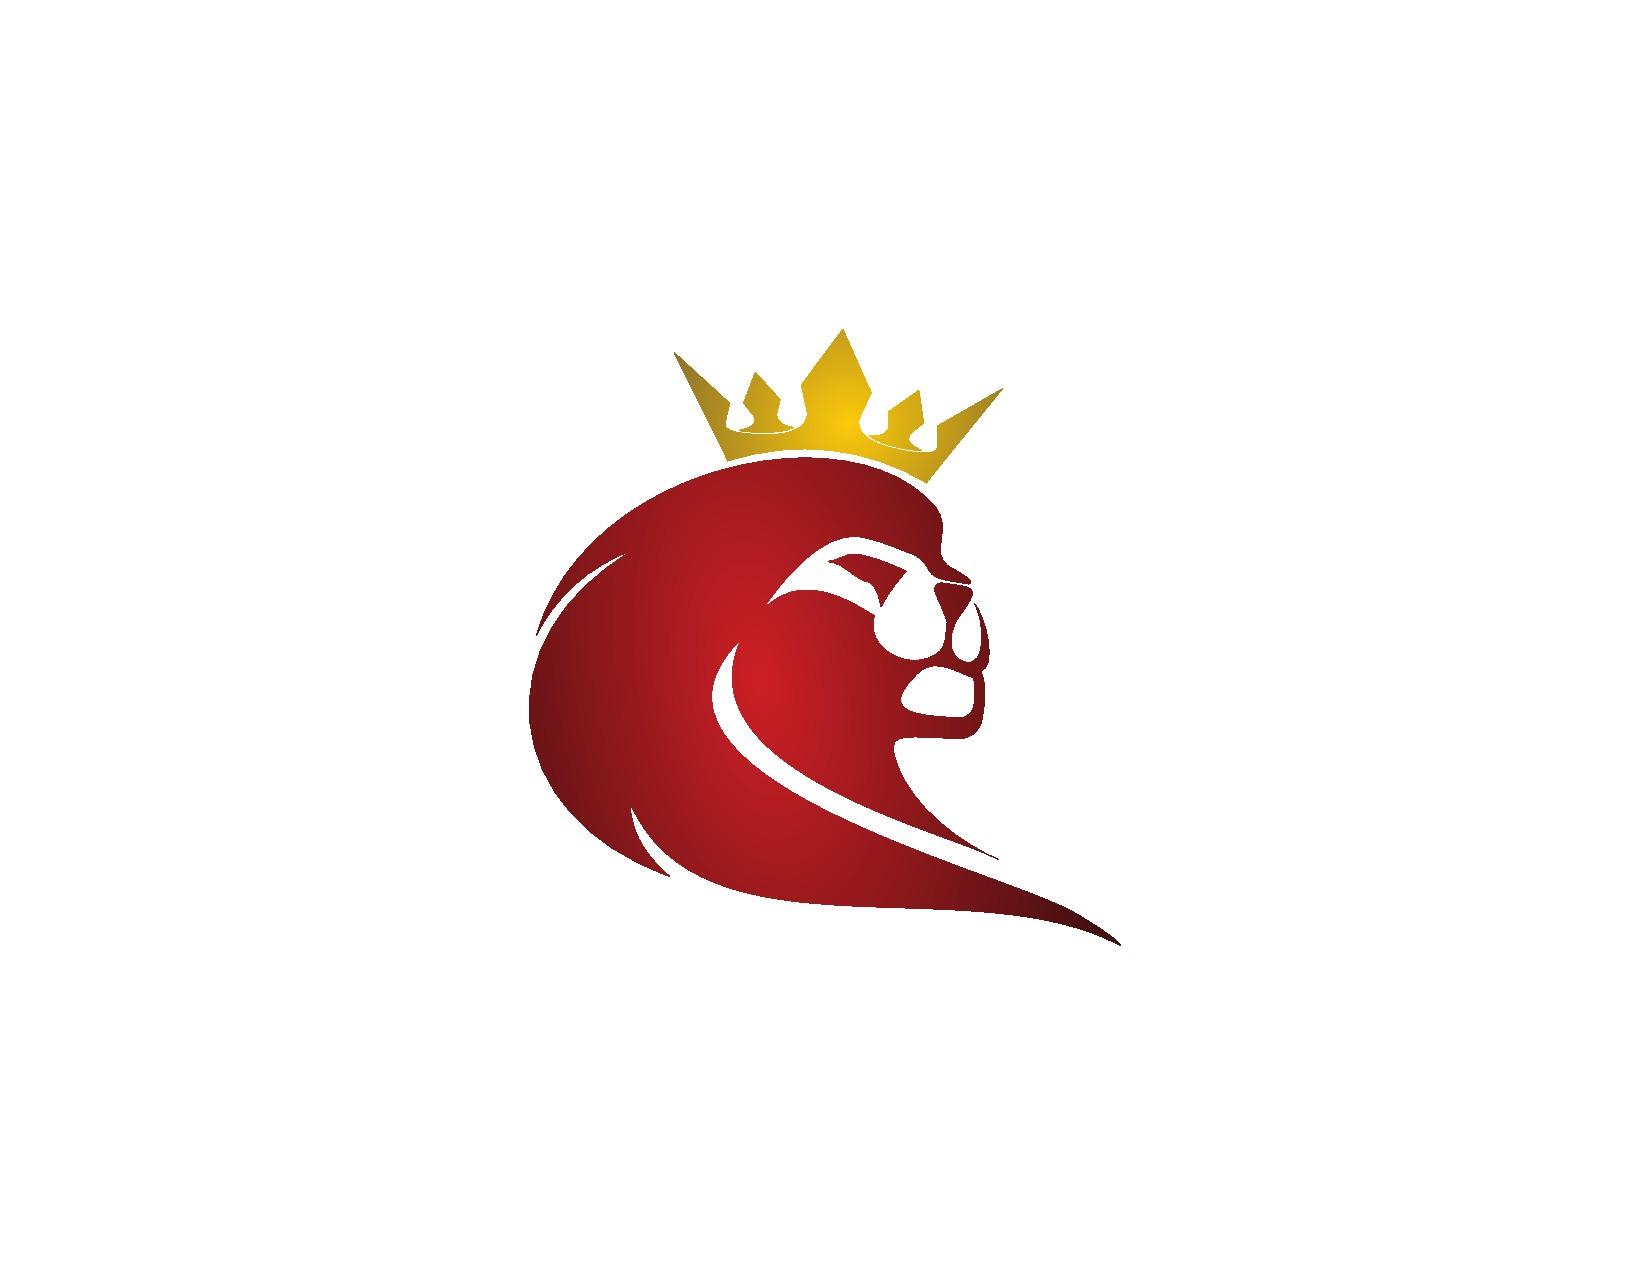 Lionheart coat of arms needs a modern twist